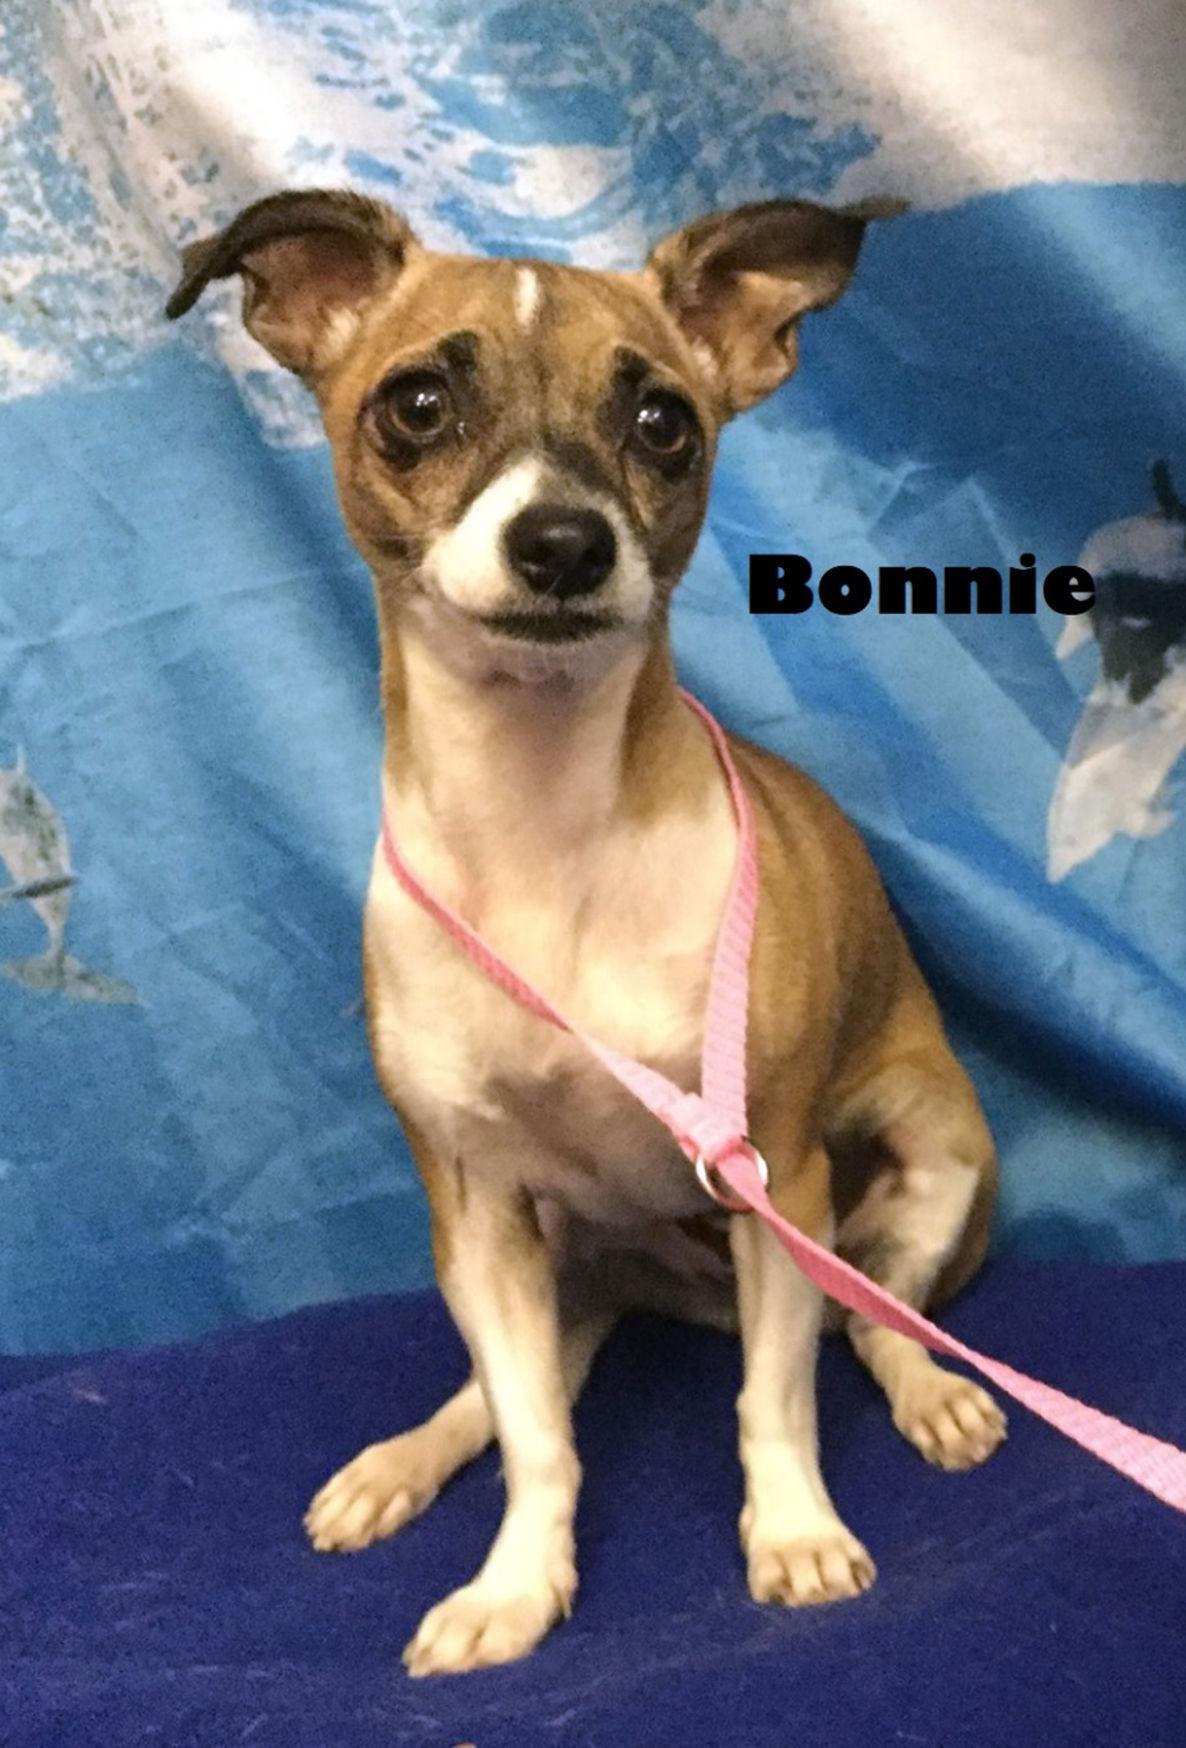 Take me home Bonnie